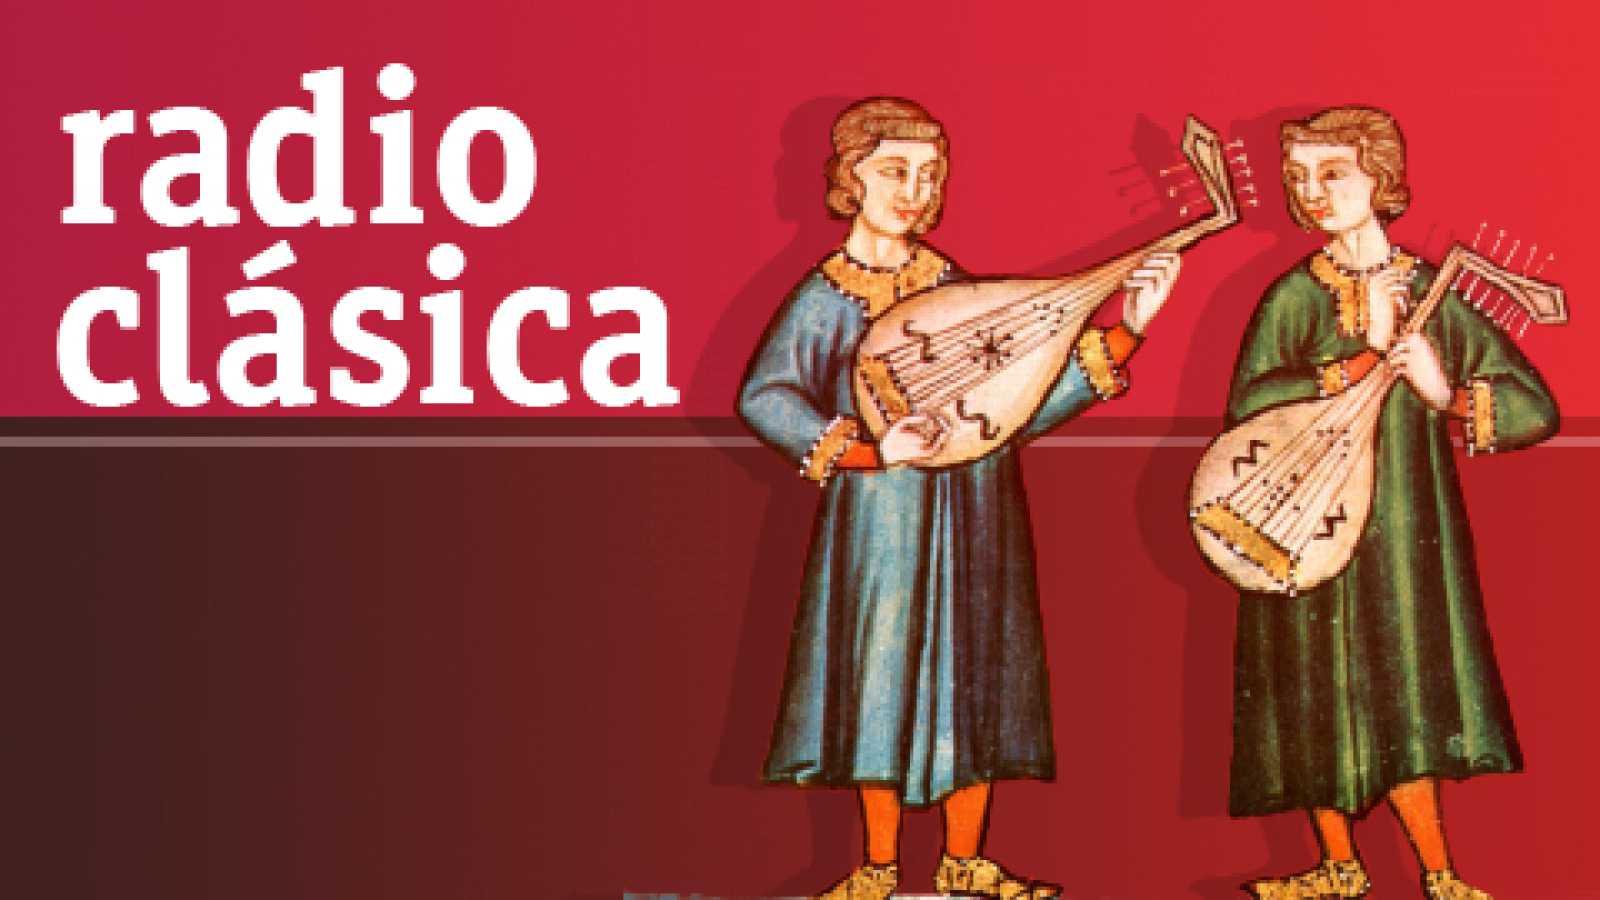 Música antigua - Vinum bonum et suave - 28/04/15 - escuchar ahora